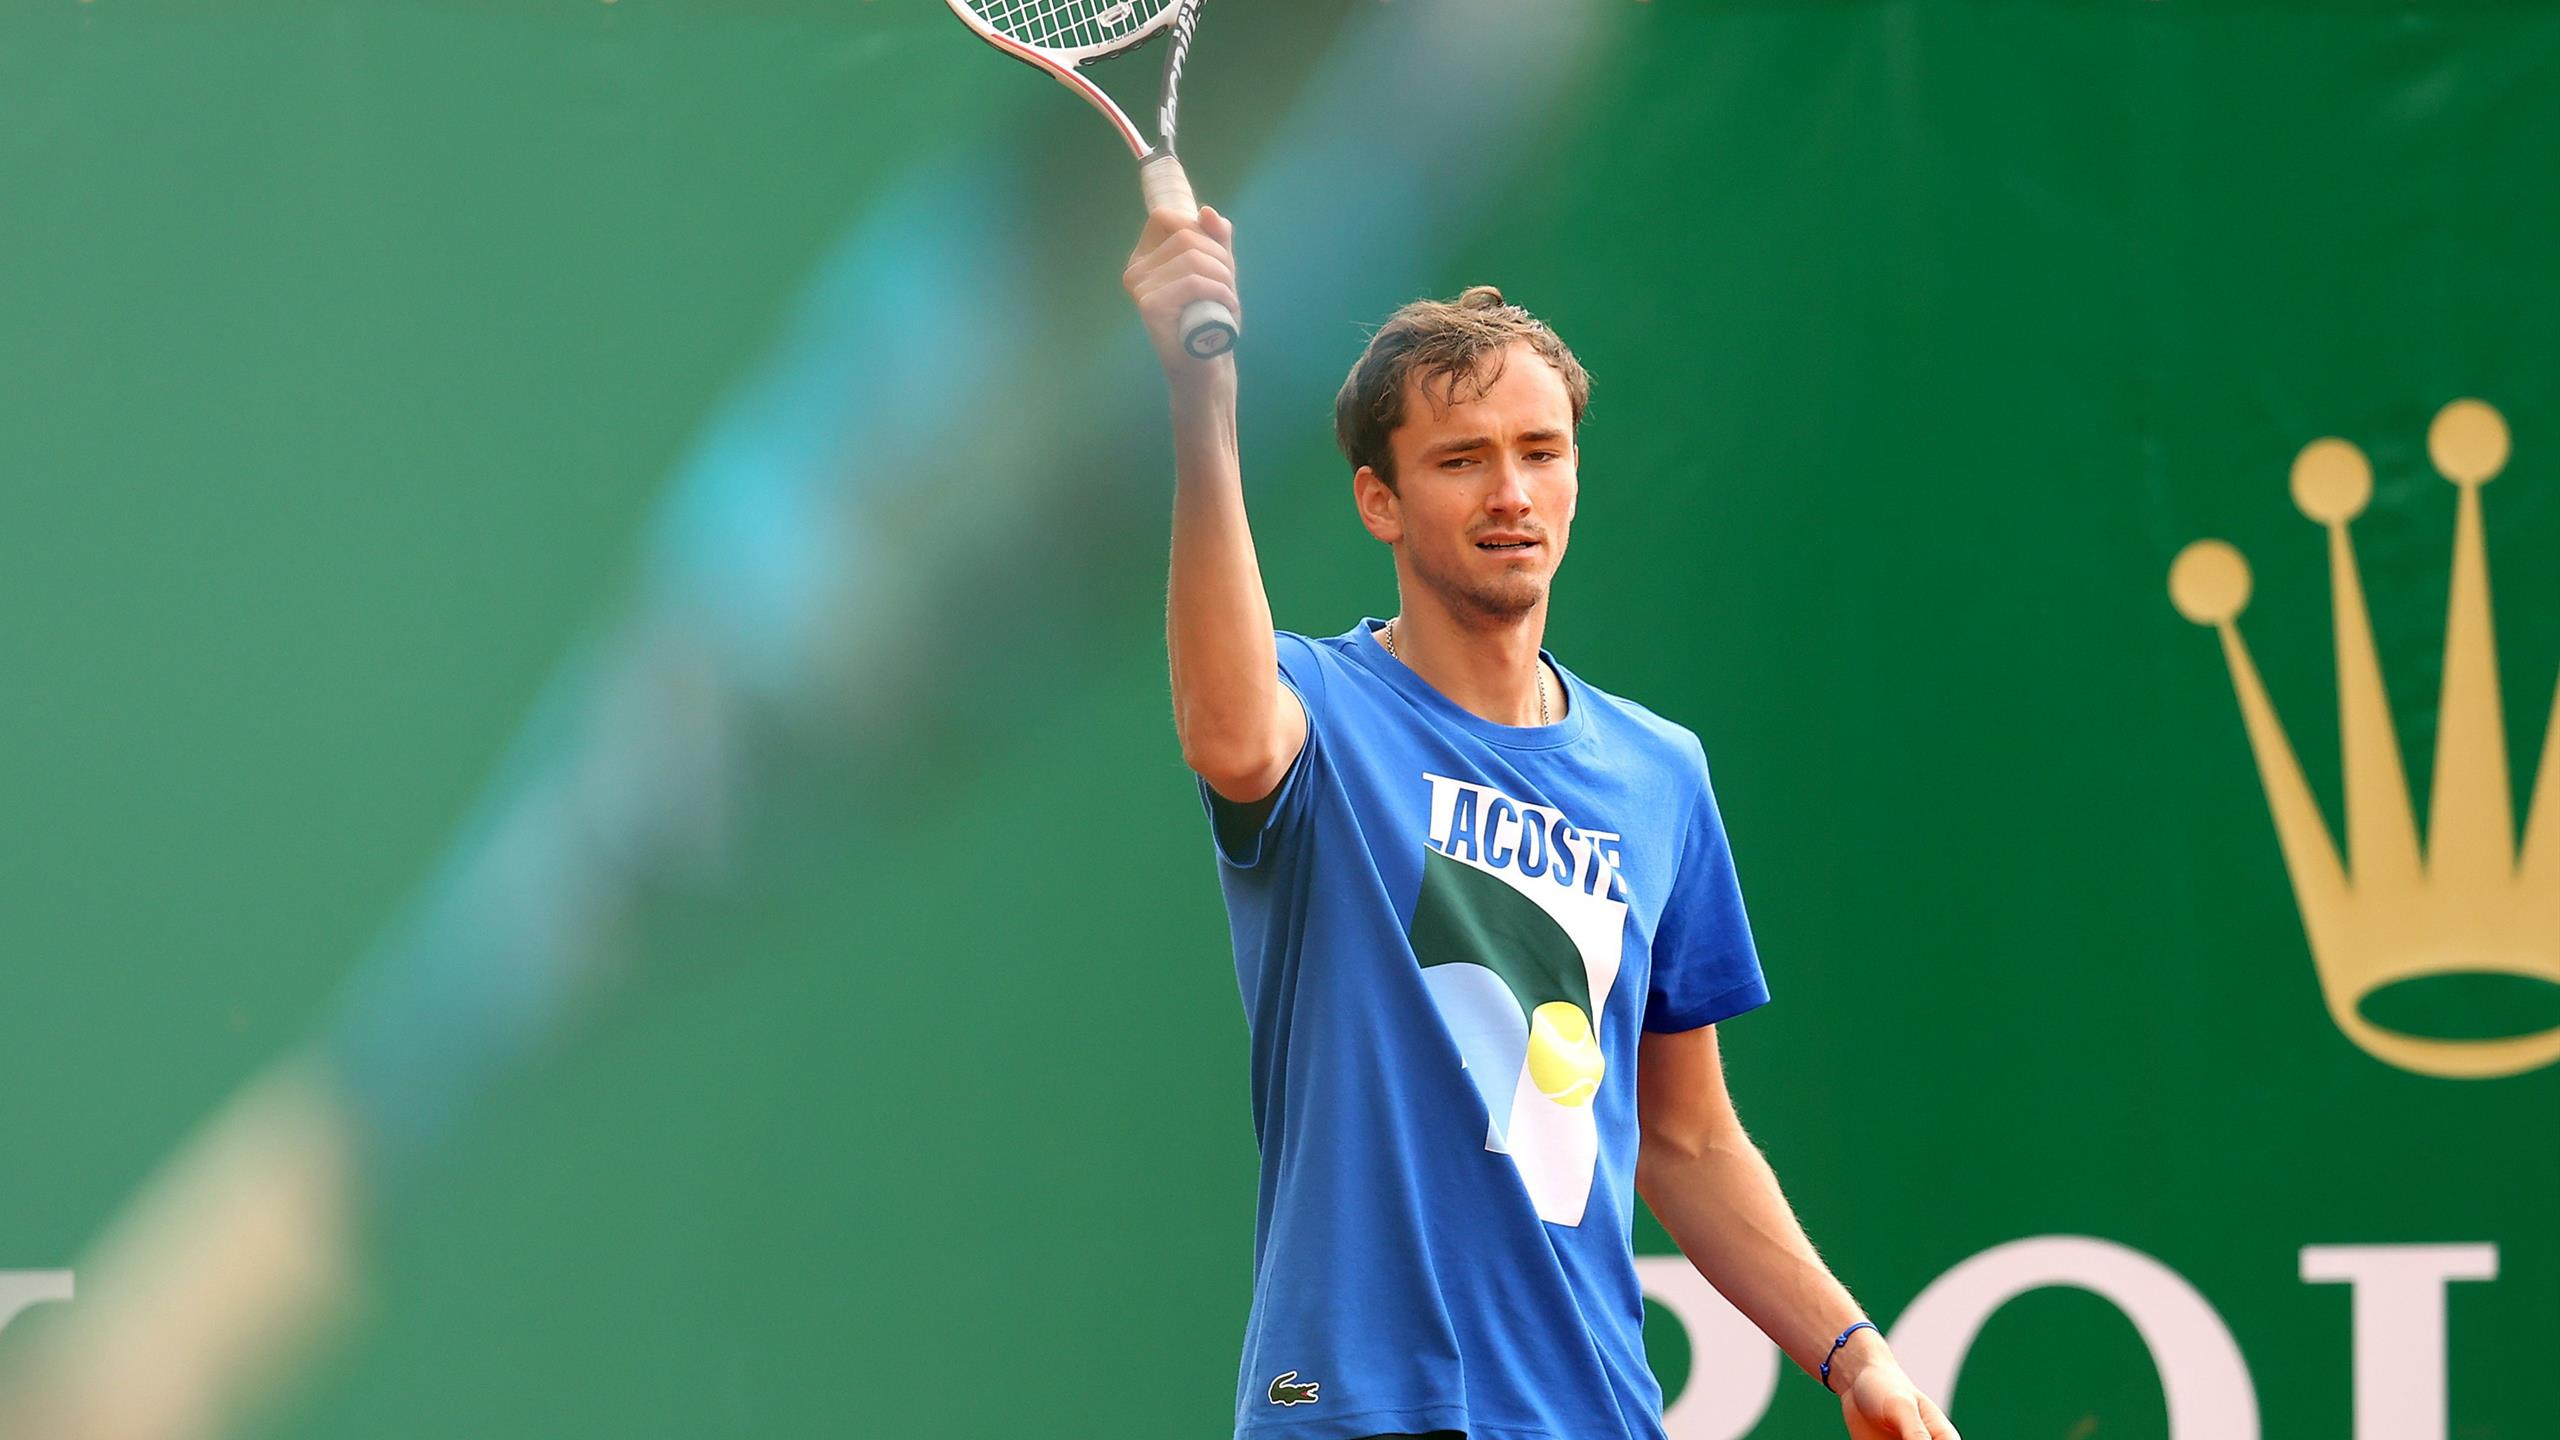 Медведев опустился на третью позицию рейтинга ATP, Надаль обошел россиянина